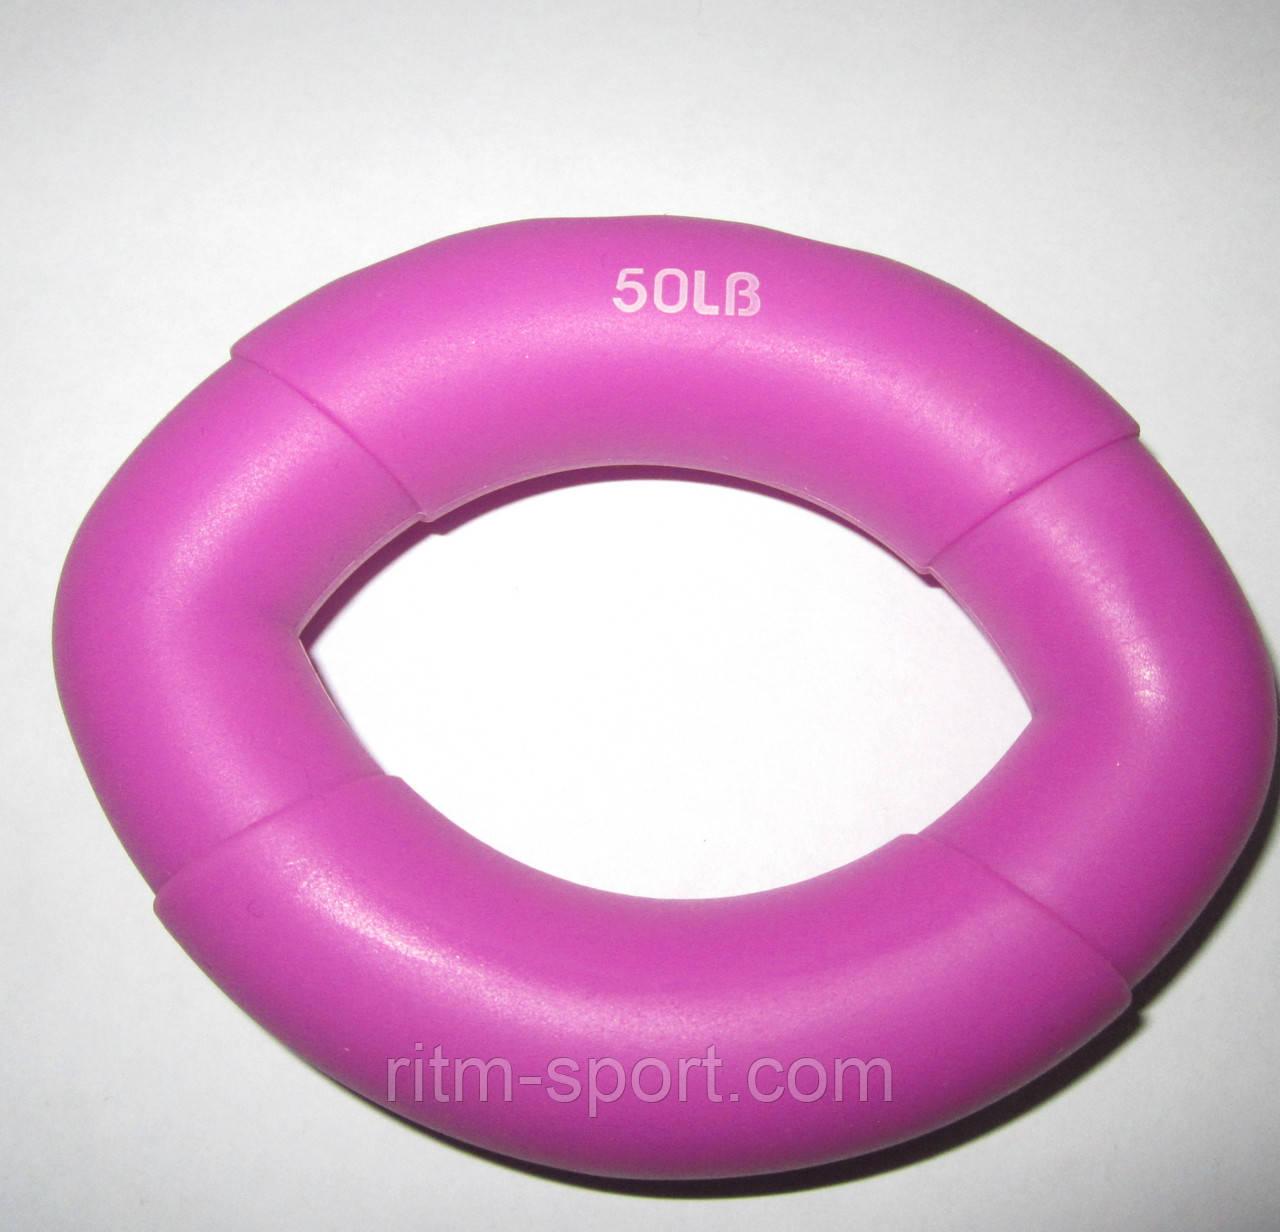 Еспандер кистьовий Smail 50 LB фіолетовий